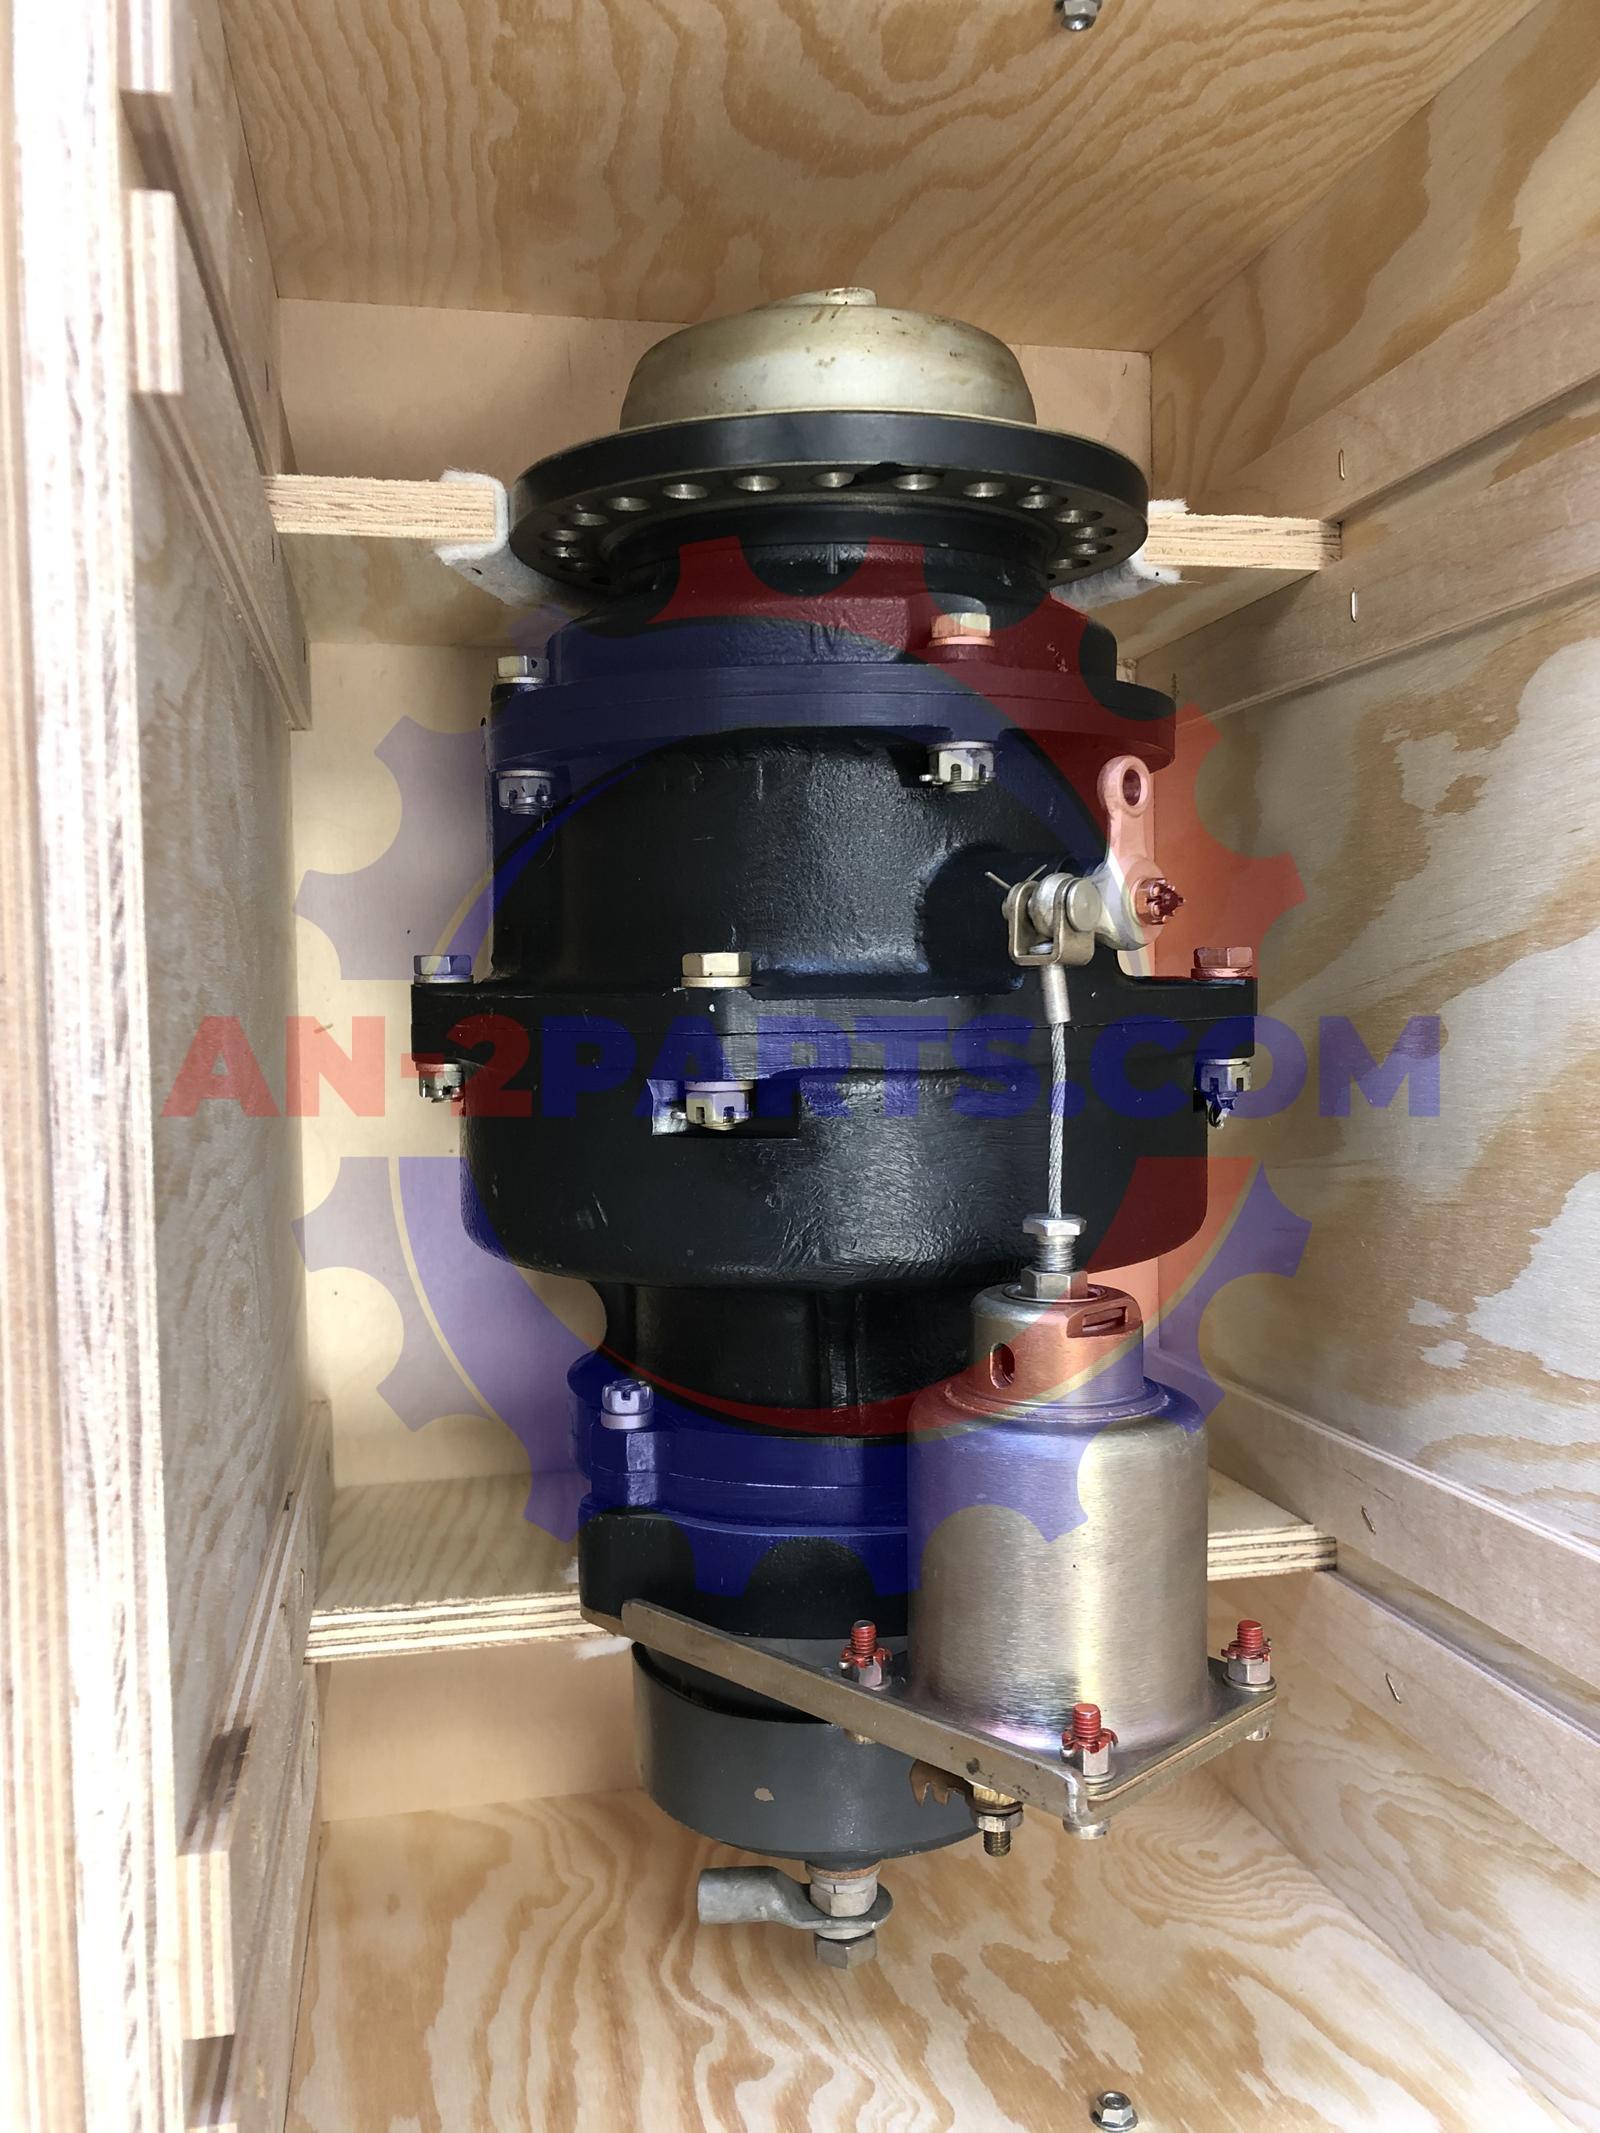 Rozrusznik elektryczno- bezwładnościowy RIM-U-24IR, Electric inertia starter RIM-U-24IR